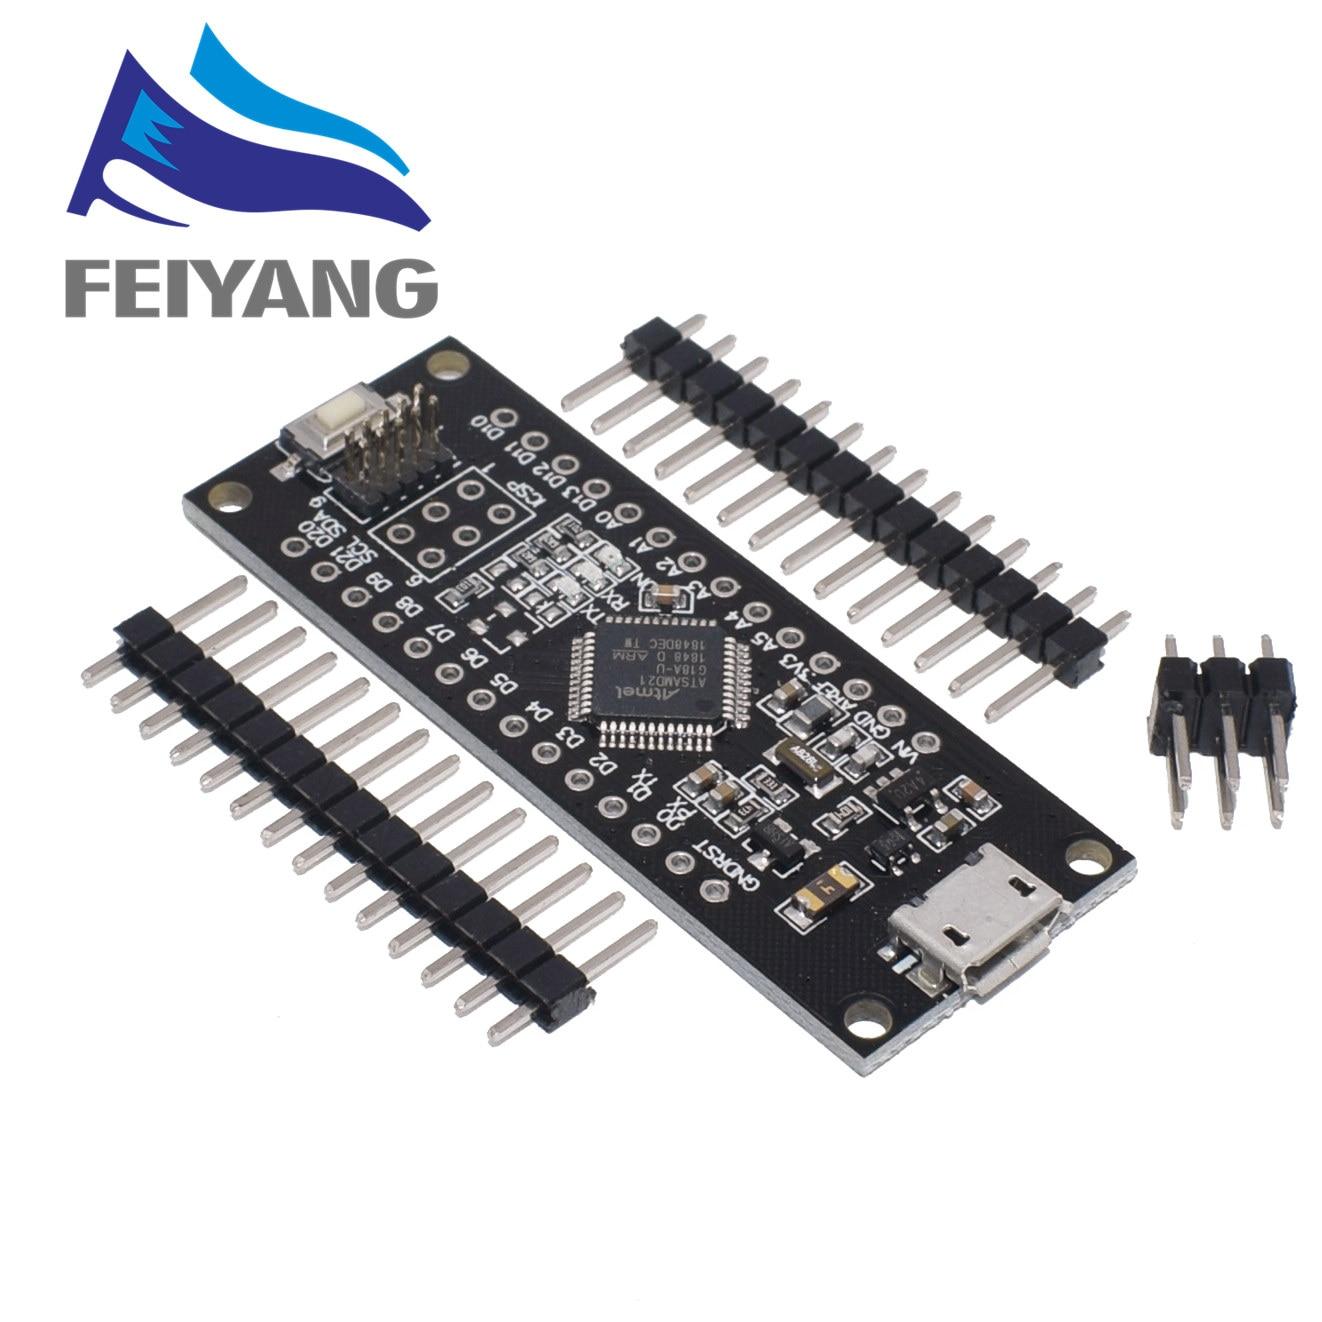 Для WeMos D1 SAMD21 M0 мини USB для подключения ARM Cortex M0 32-битный удлинитель для Arduino Zero UNO Diy электронный модуль R3